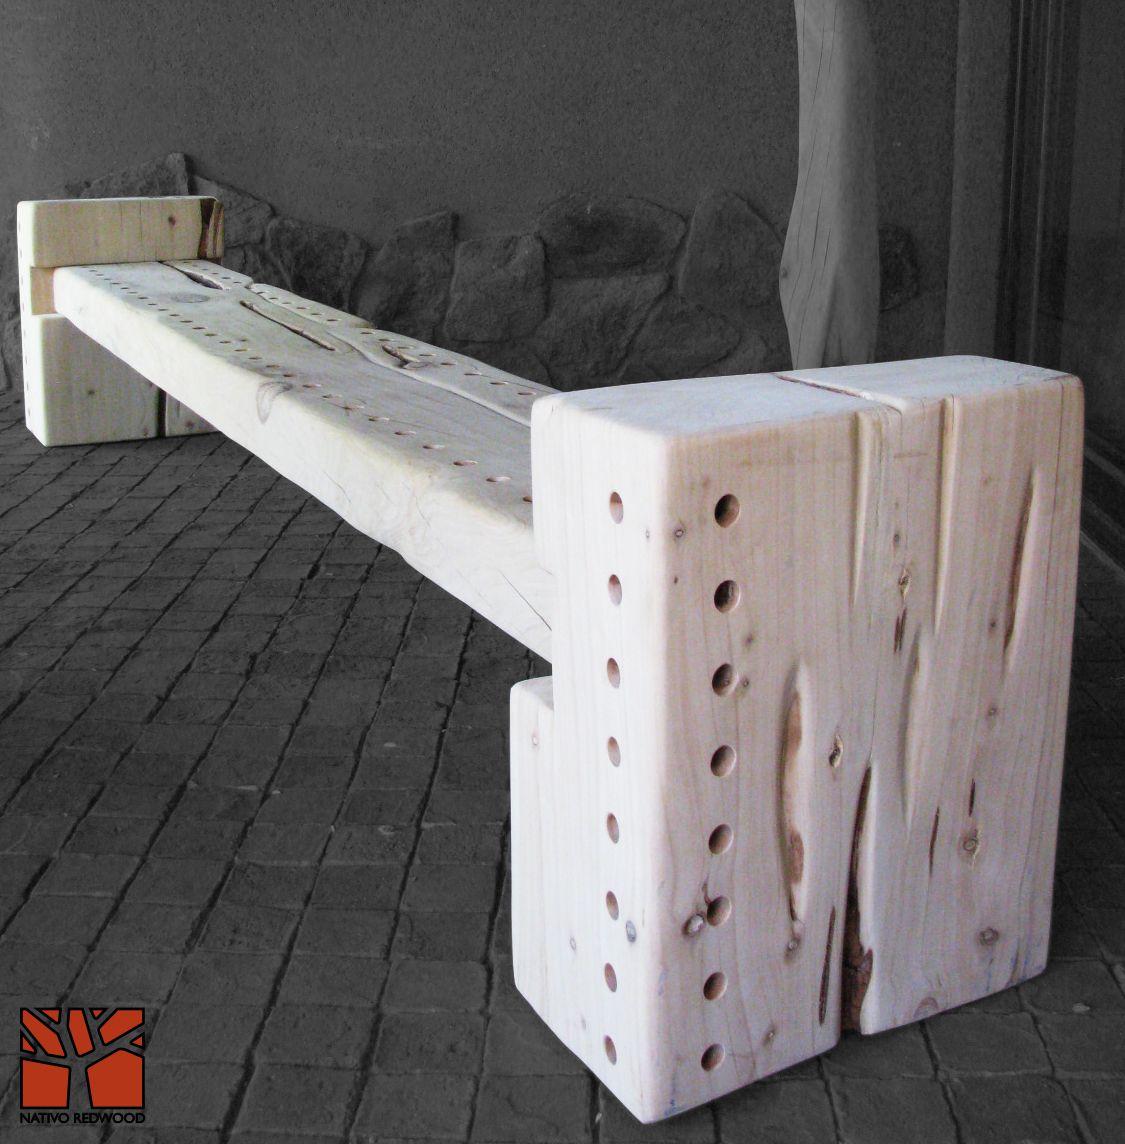 Nativo Redwood Banca De Maderos De Cipres Rustico De Una Pieza Con Forma Irregular Con Asiento Con Perforacione With Images American Barn Outdoor Decor Outdoor